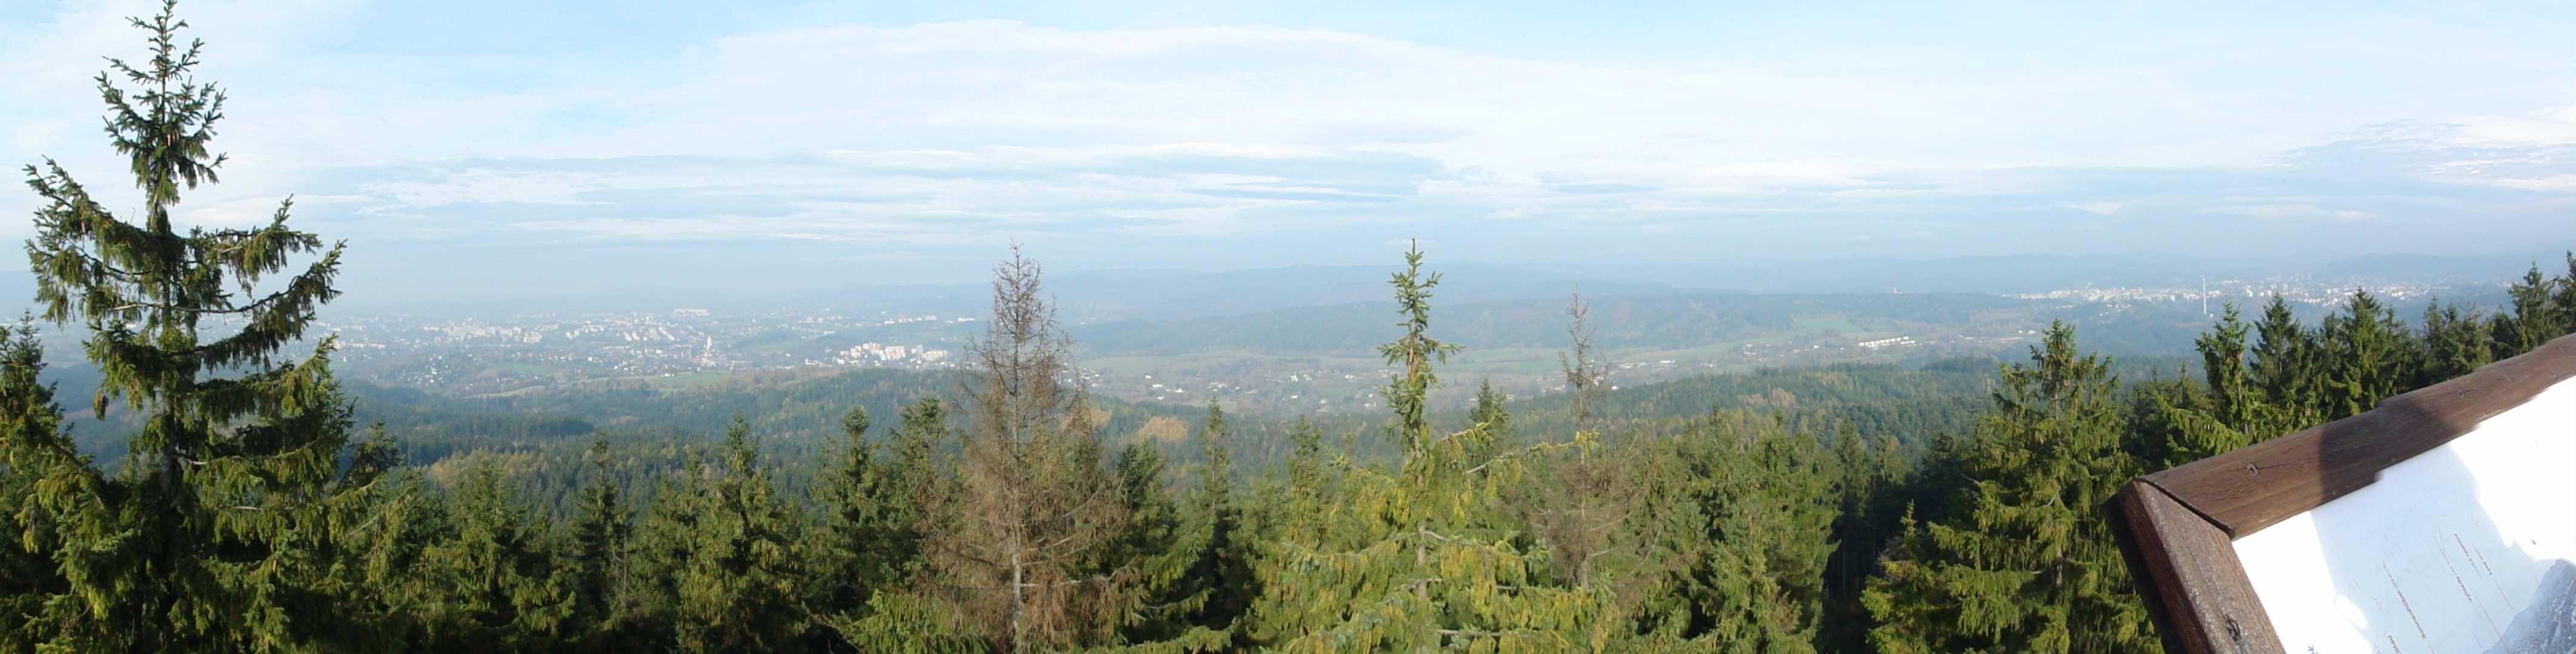 Vlevo Liberec, vpravo Jablonec nad Nisou (výhled z rozhledny Císařský kámen)